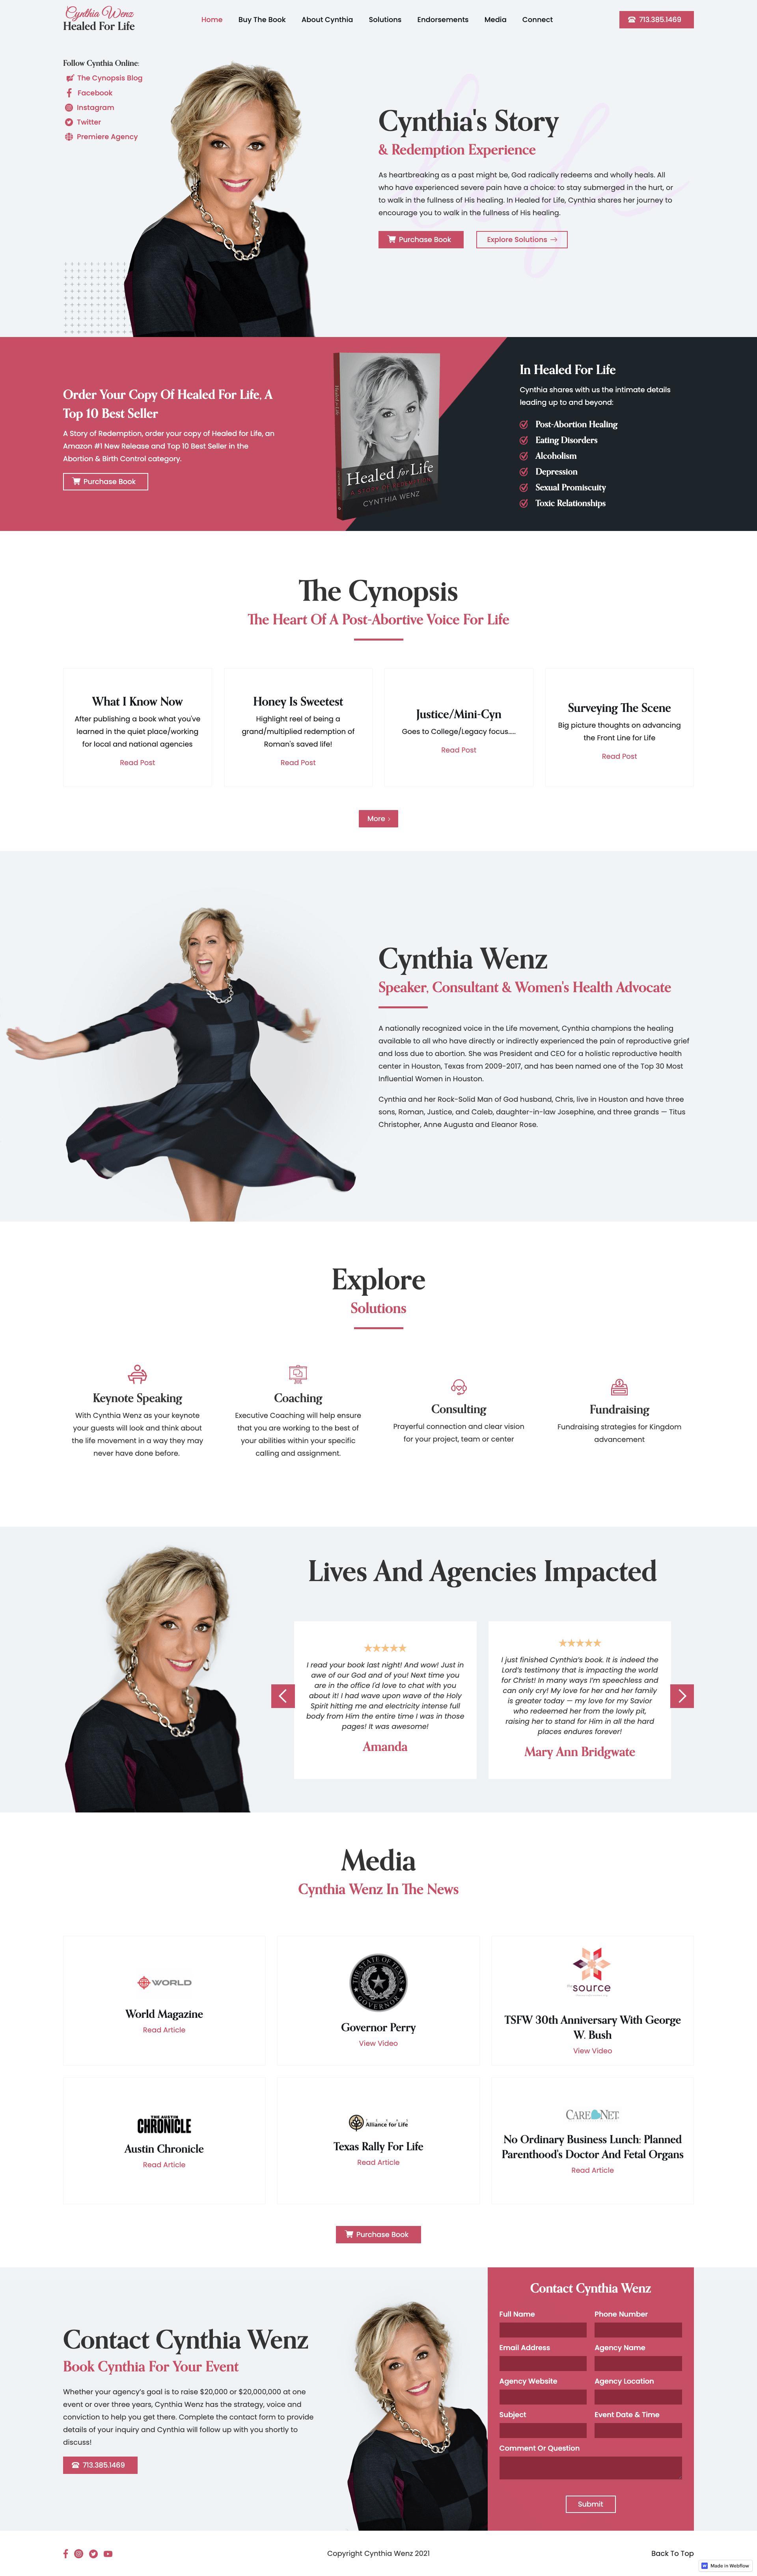 Cynthia Wenz